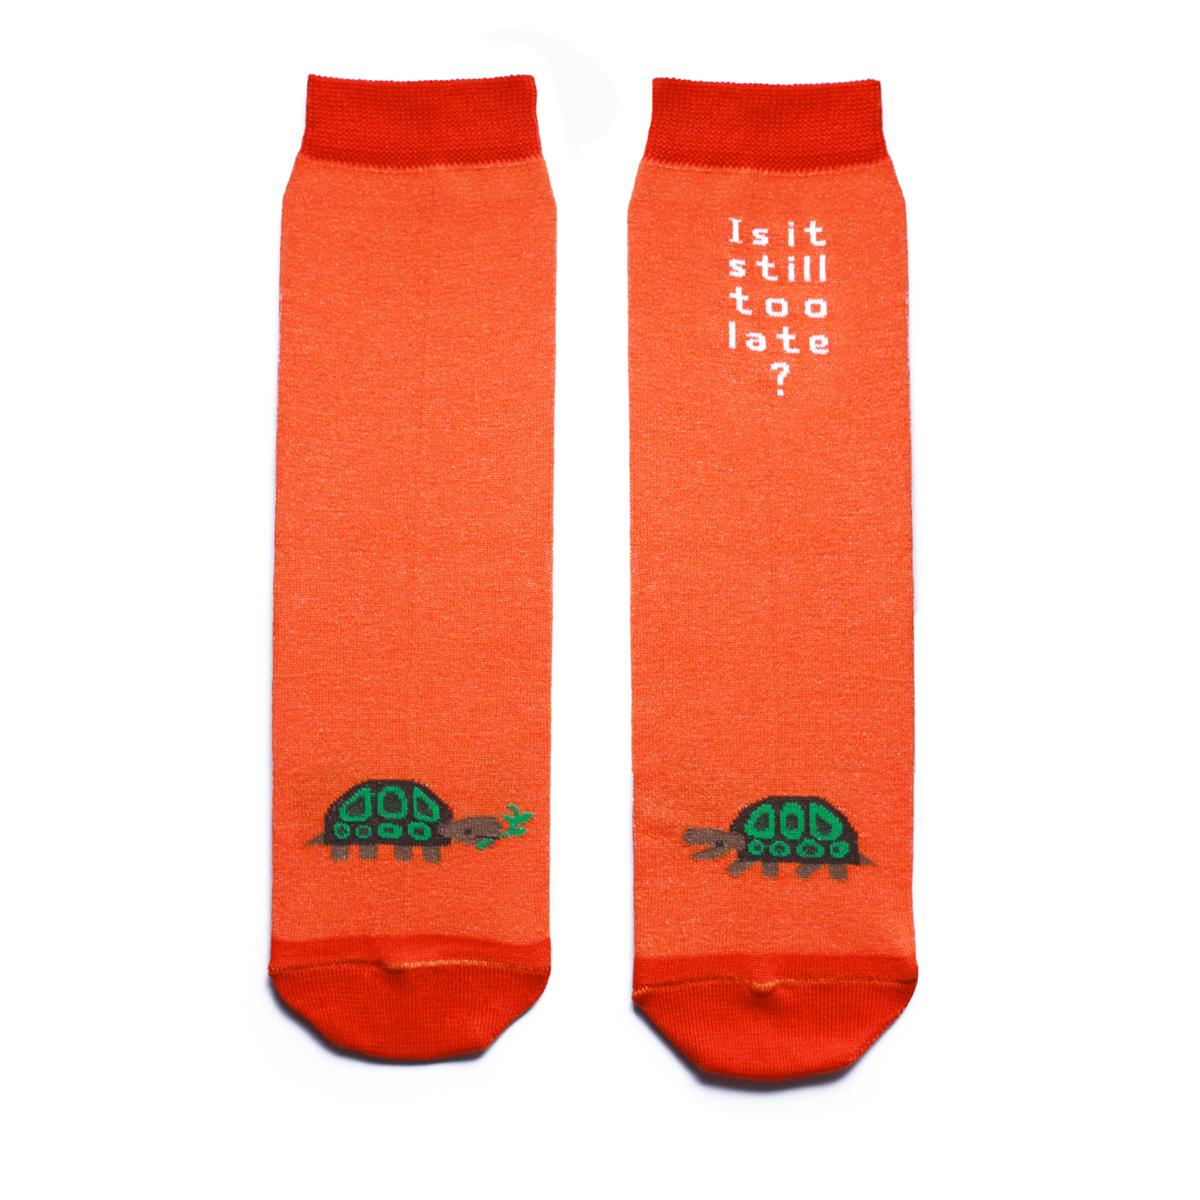 Носки женские Big Bang Socks, цвет: оранжевый, зеленый. ca1521. Размер 35/39ca1521Яркие женские носки Big Bang Socks изготовлены из высококачественного хлопка с добавлением полиамидных и эластановых волокон, которые обеспечивают великолепную посадку. Носки отличаются ярким стильным дизайном, они оформлены изображением черепахи и надписью: Is it still too late?. Удобная резинка идеально облегает ногу и не пережимает сосуды, усиленные пятка и мысок повышают износоустойчивость носка, а удлиненный паголенок придает более эстетичный вид. Дизайнерские носки Big Bang Socks - яркая деталь в вашем образе и оригинальный подарок для друзей и близких.